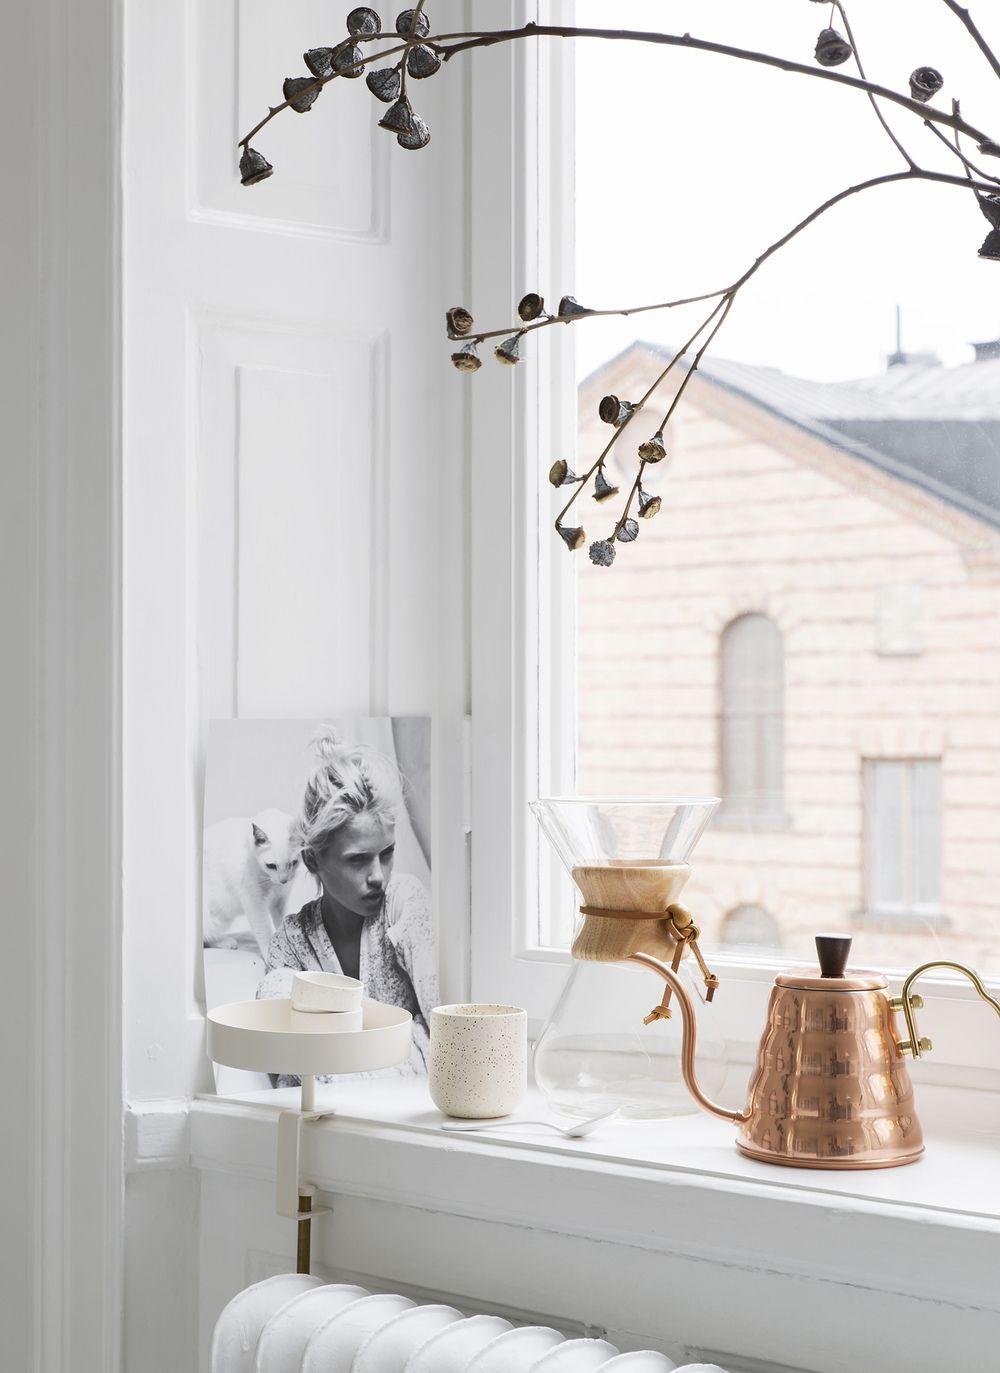 sara medina lind styled photography for ikea livet hemma. Black Bedroom Furniture Sets. Home Design Ideas